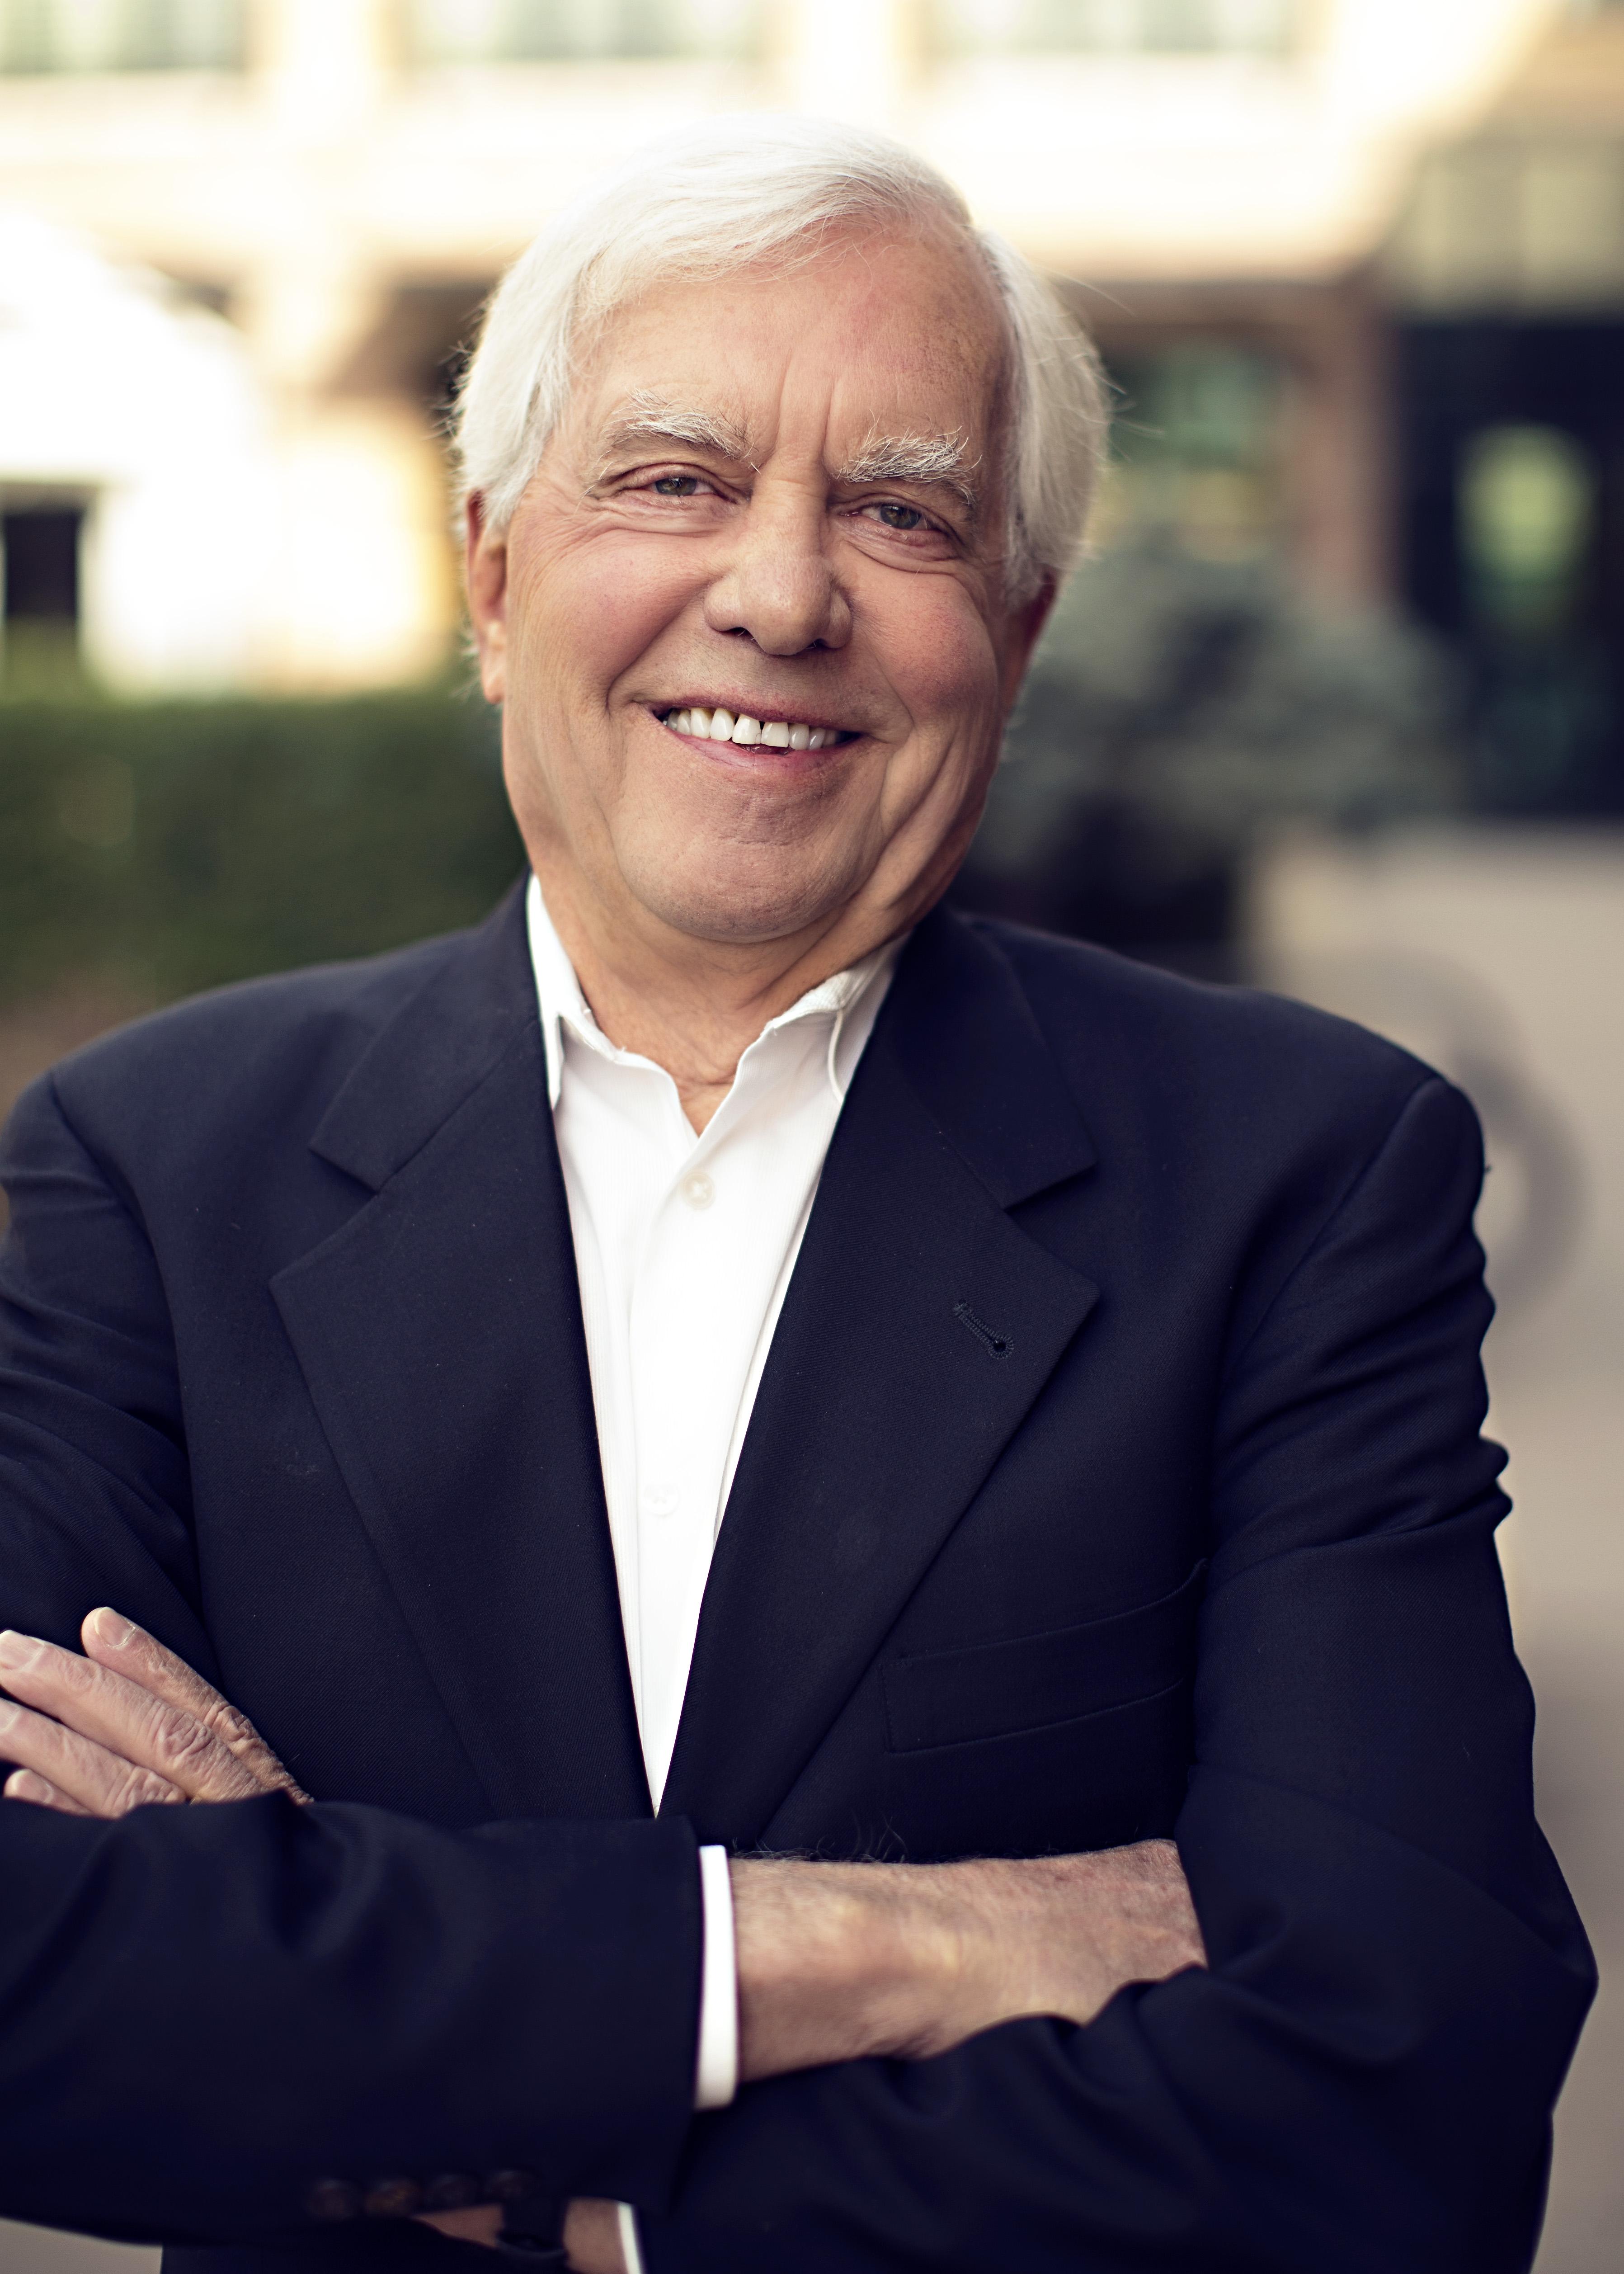 Jim Bodin